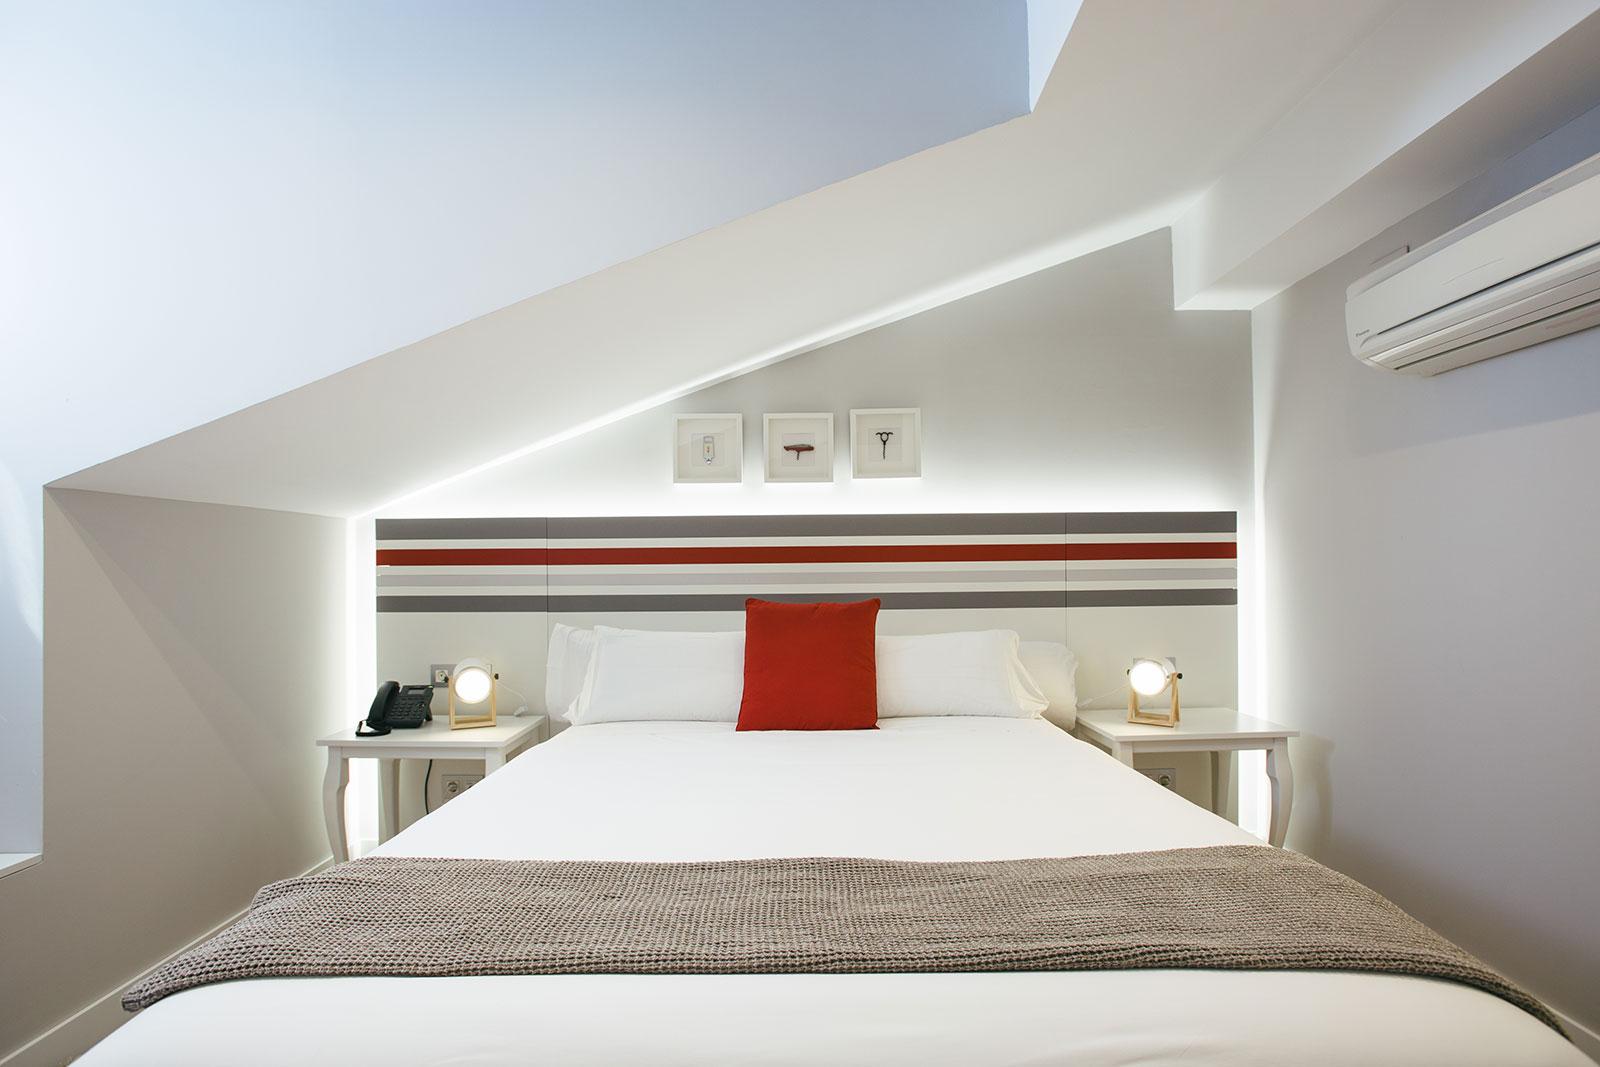 Exterior bedroom double bed